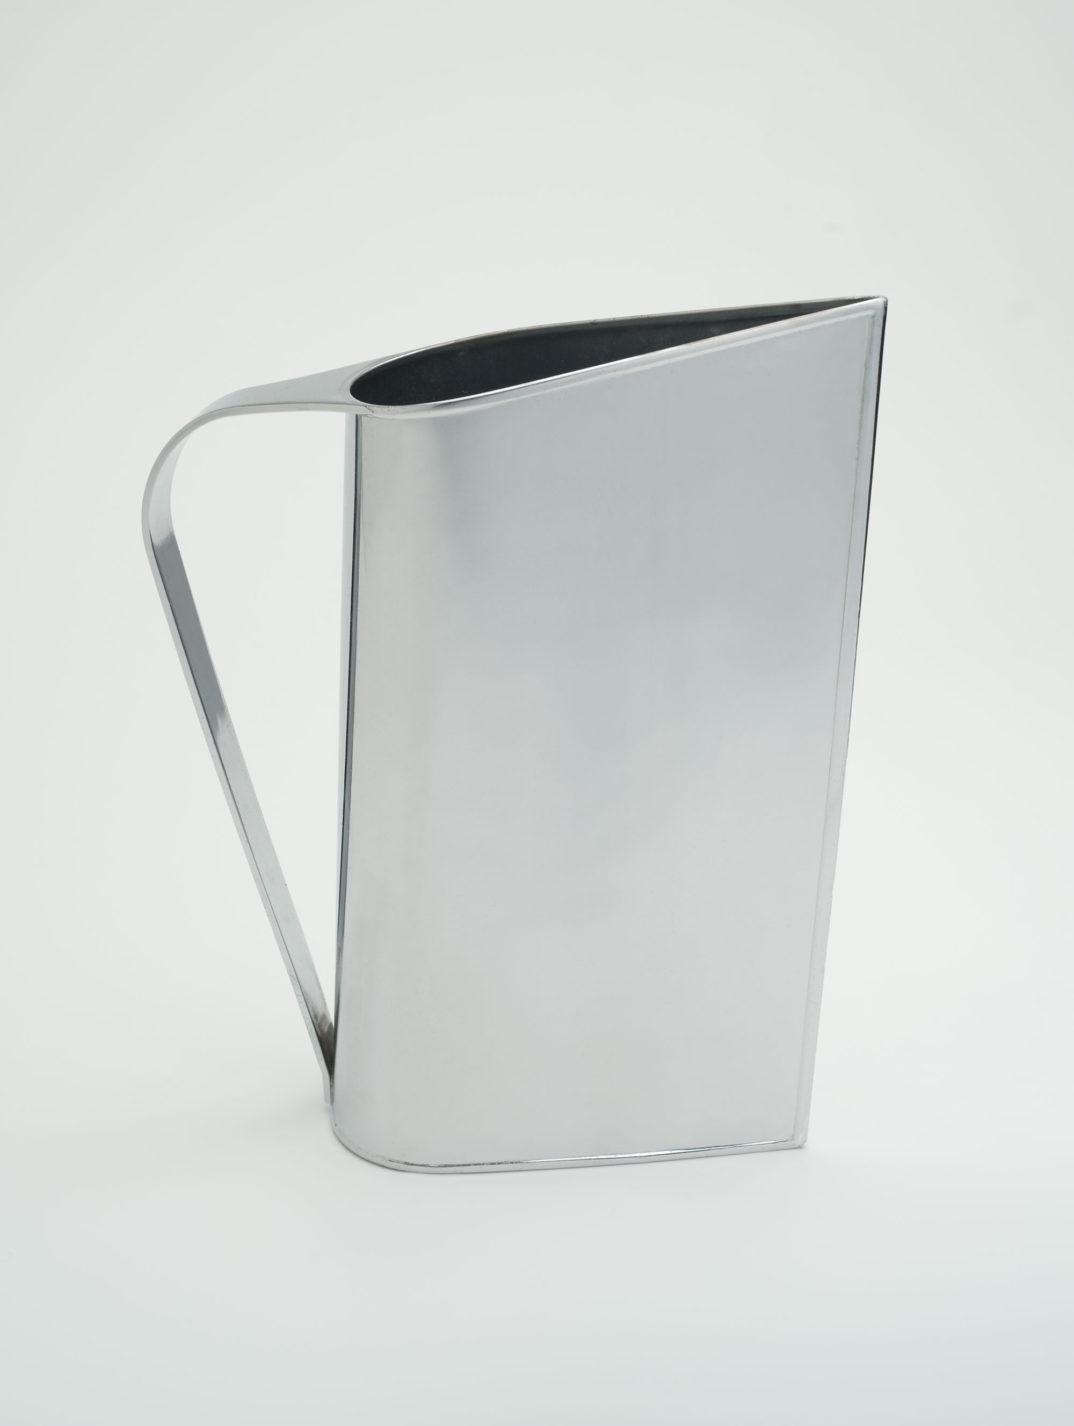 Pichet en métal lustré en forme de larme avec poignée de métal simple rattachée aux bords supérieur et inférieur de la partie arrondie.